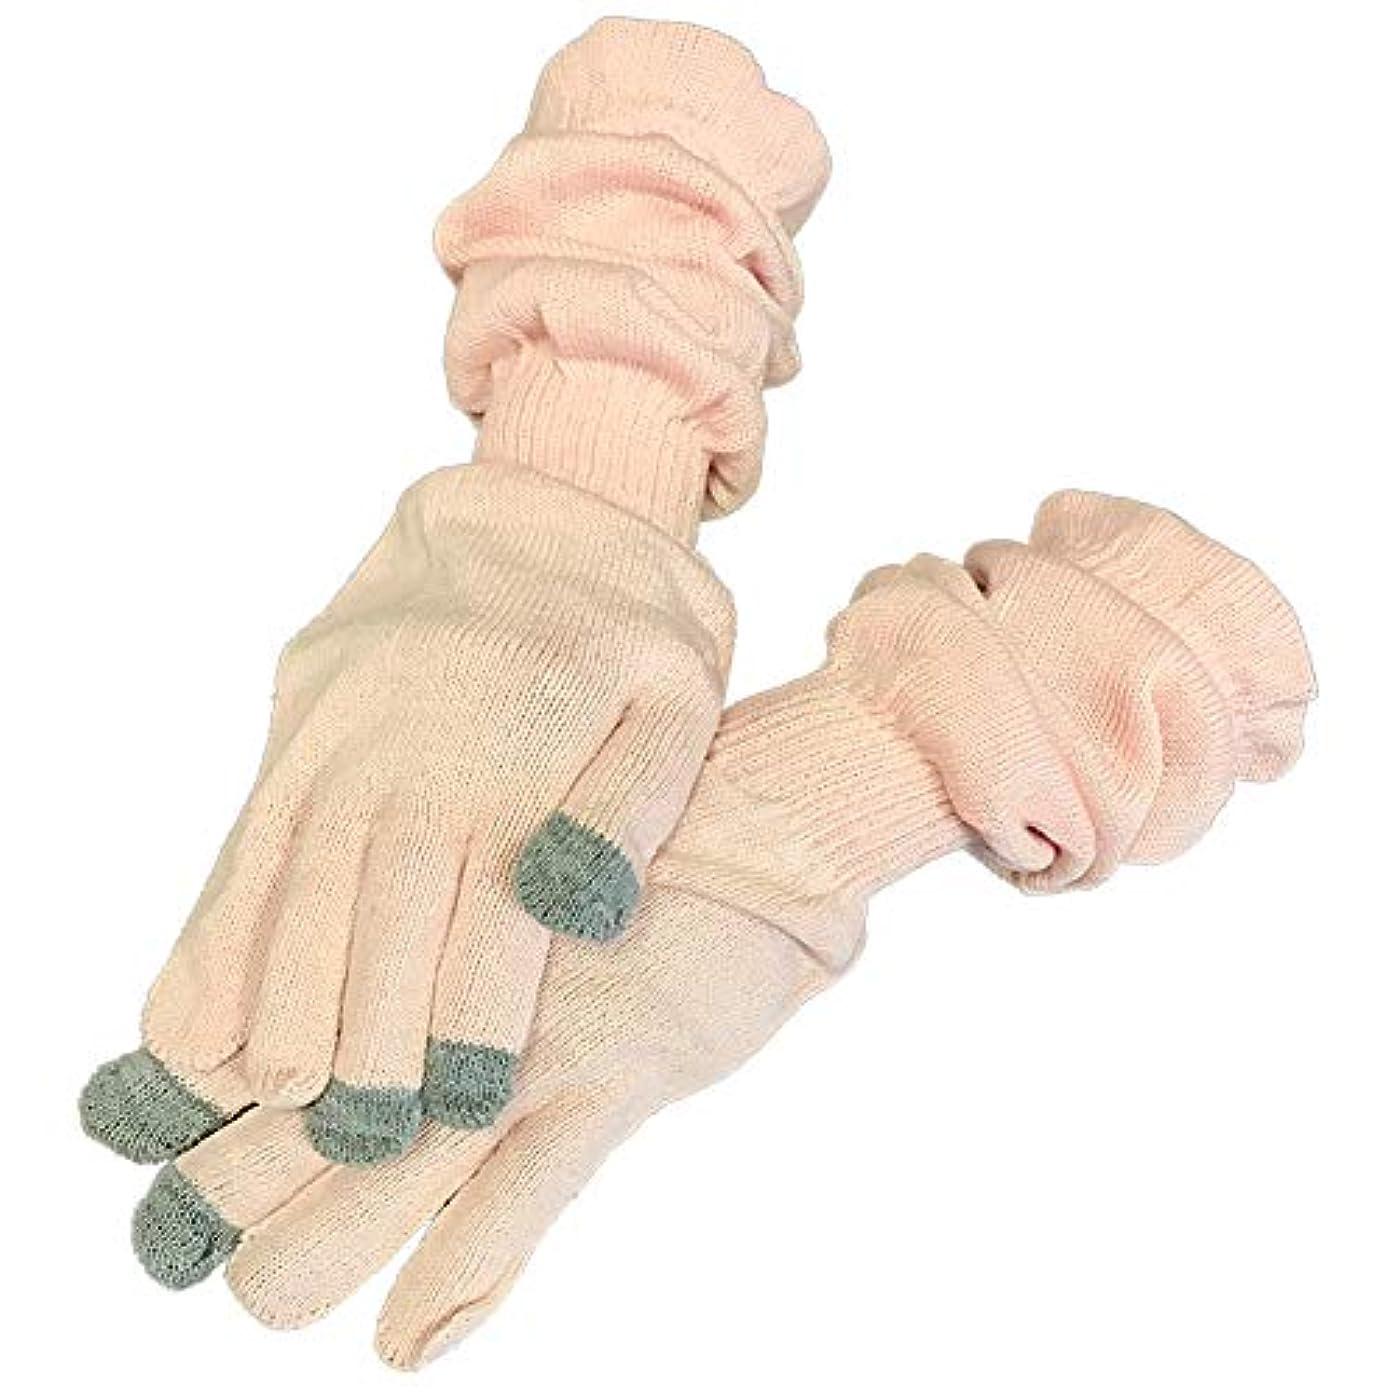 スペアペック放送手袋 手 カサカサ ハンドケア 乾燥 手荒れ シルク コットン 防止 予防 対策 保湿 就寝用 寝るとき スマホ スマホOK おやすみ レディース